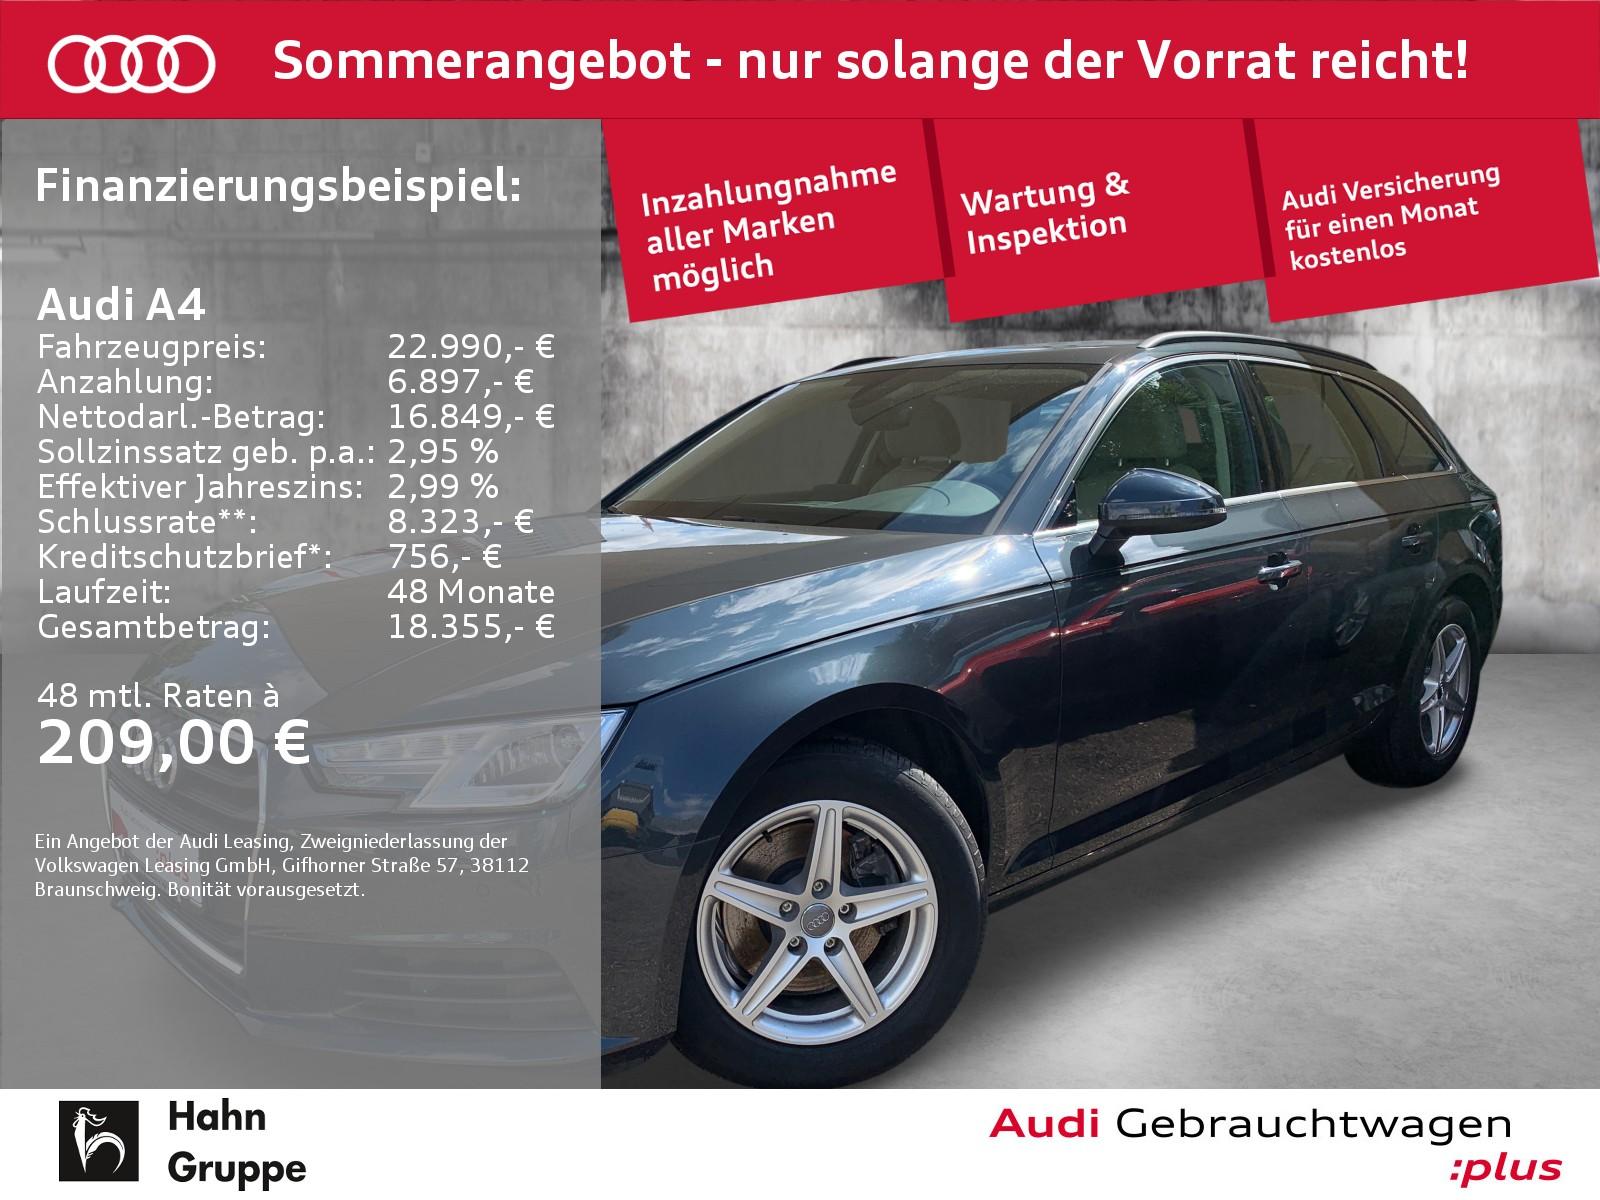 Audi A4 Avant 1.4 TFSI Navi Xen CAM Sitzh Klima, Jahr 2018, Benzin